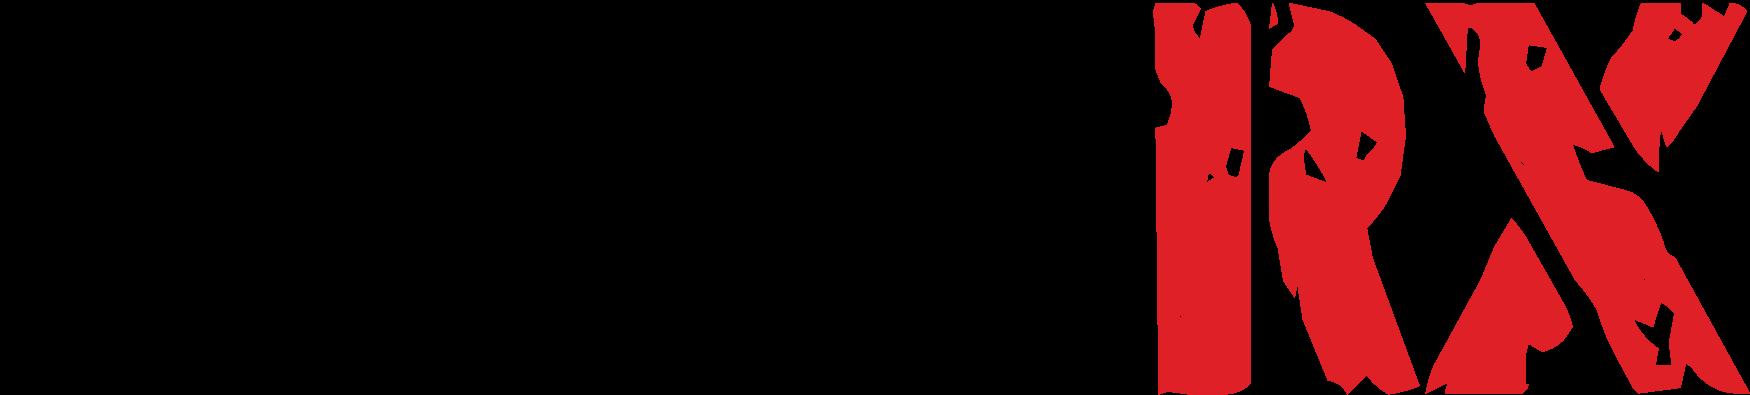 JAKTRX logo black-red png.png